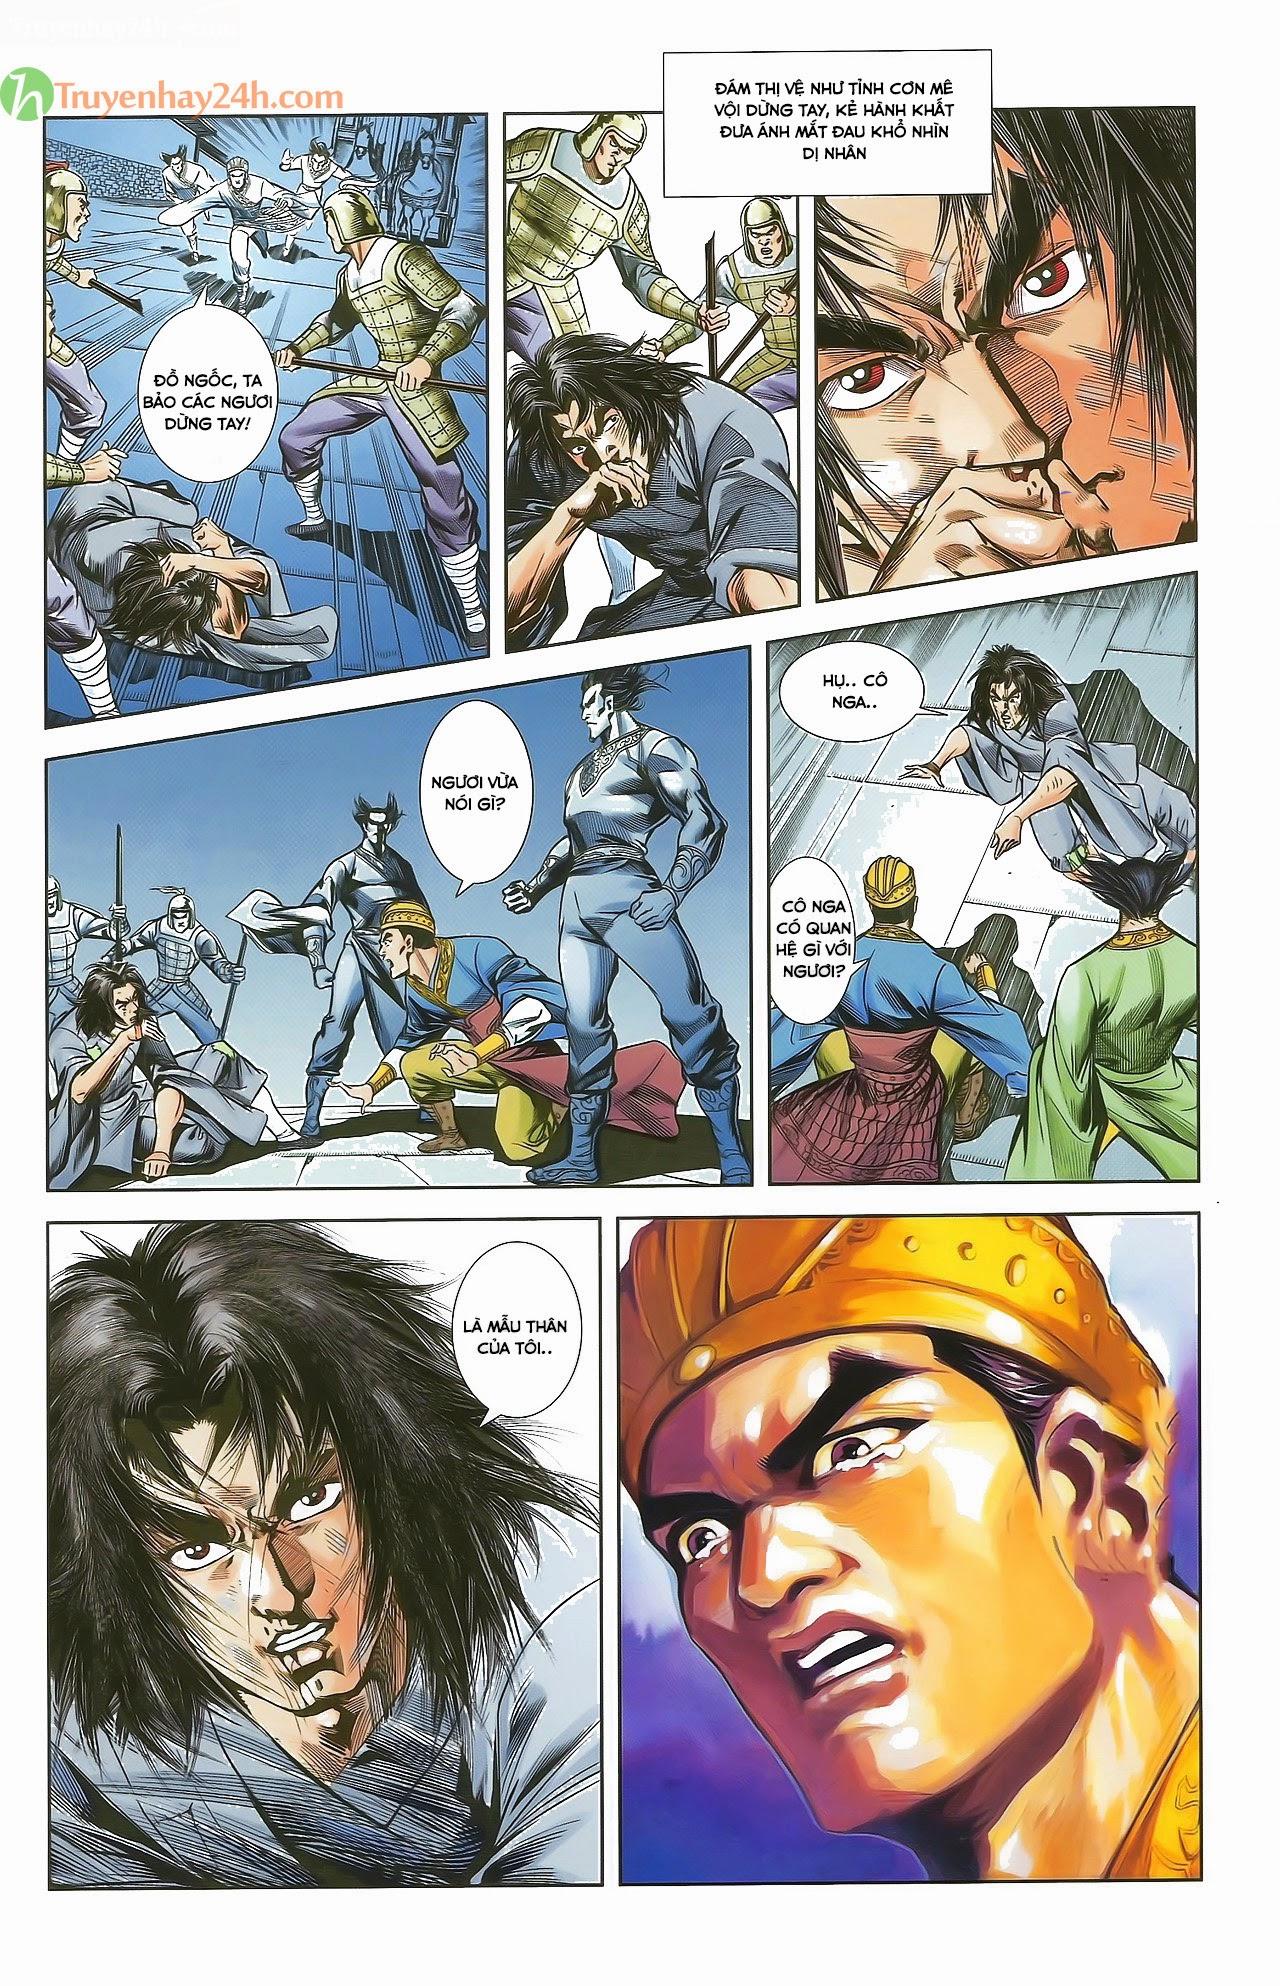 Tần Vương Doanh Chính chapter 29.1 trang 6